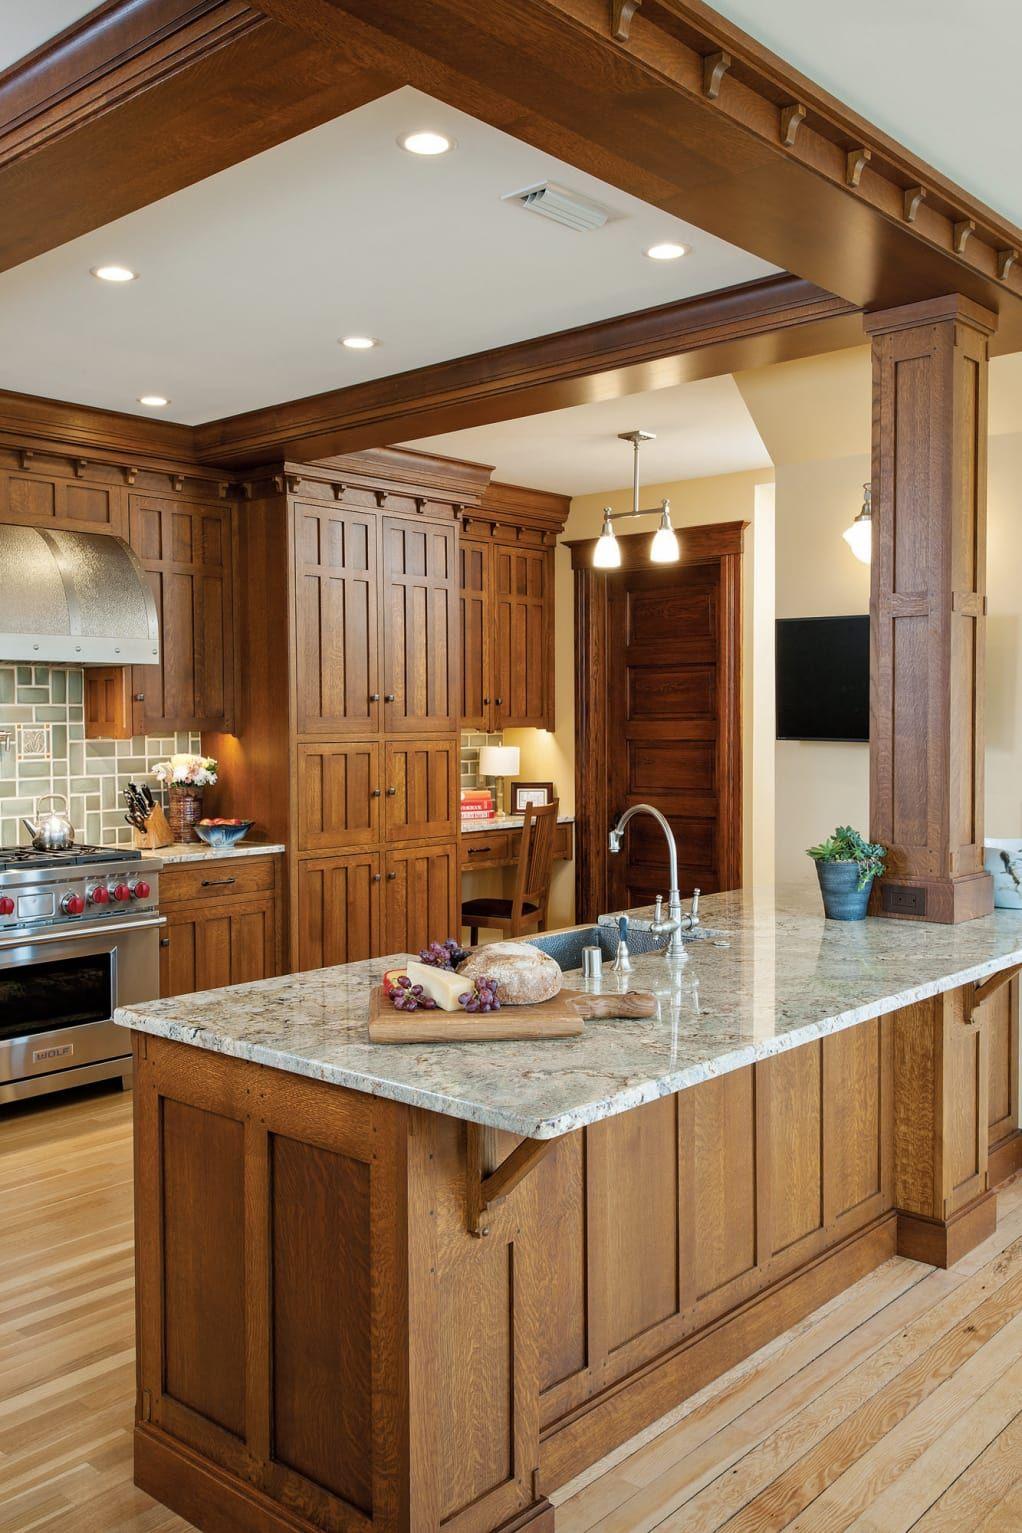 Craftsman Kitchen Craftsman Style Kitchens Craftsman Style Kitchen Kitchen Styling